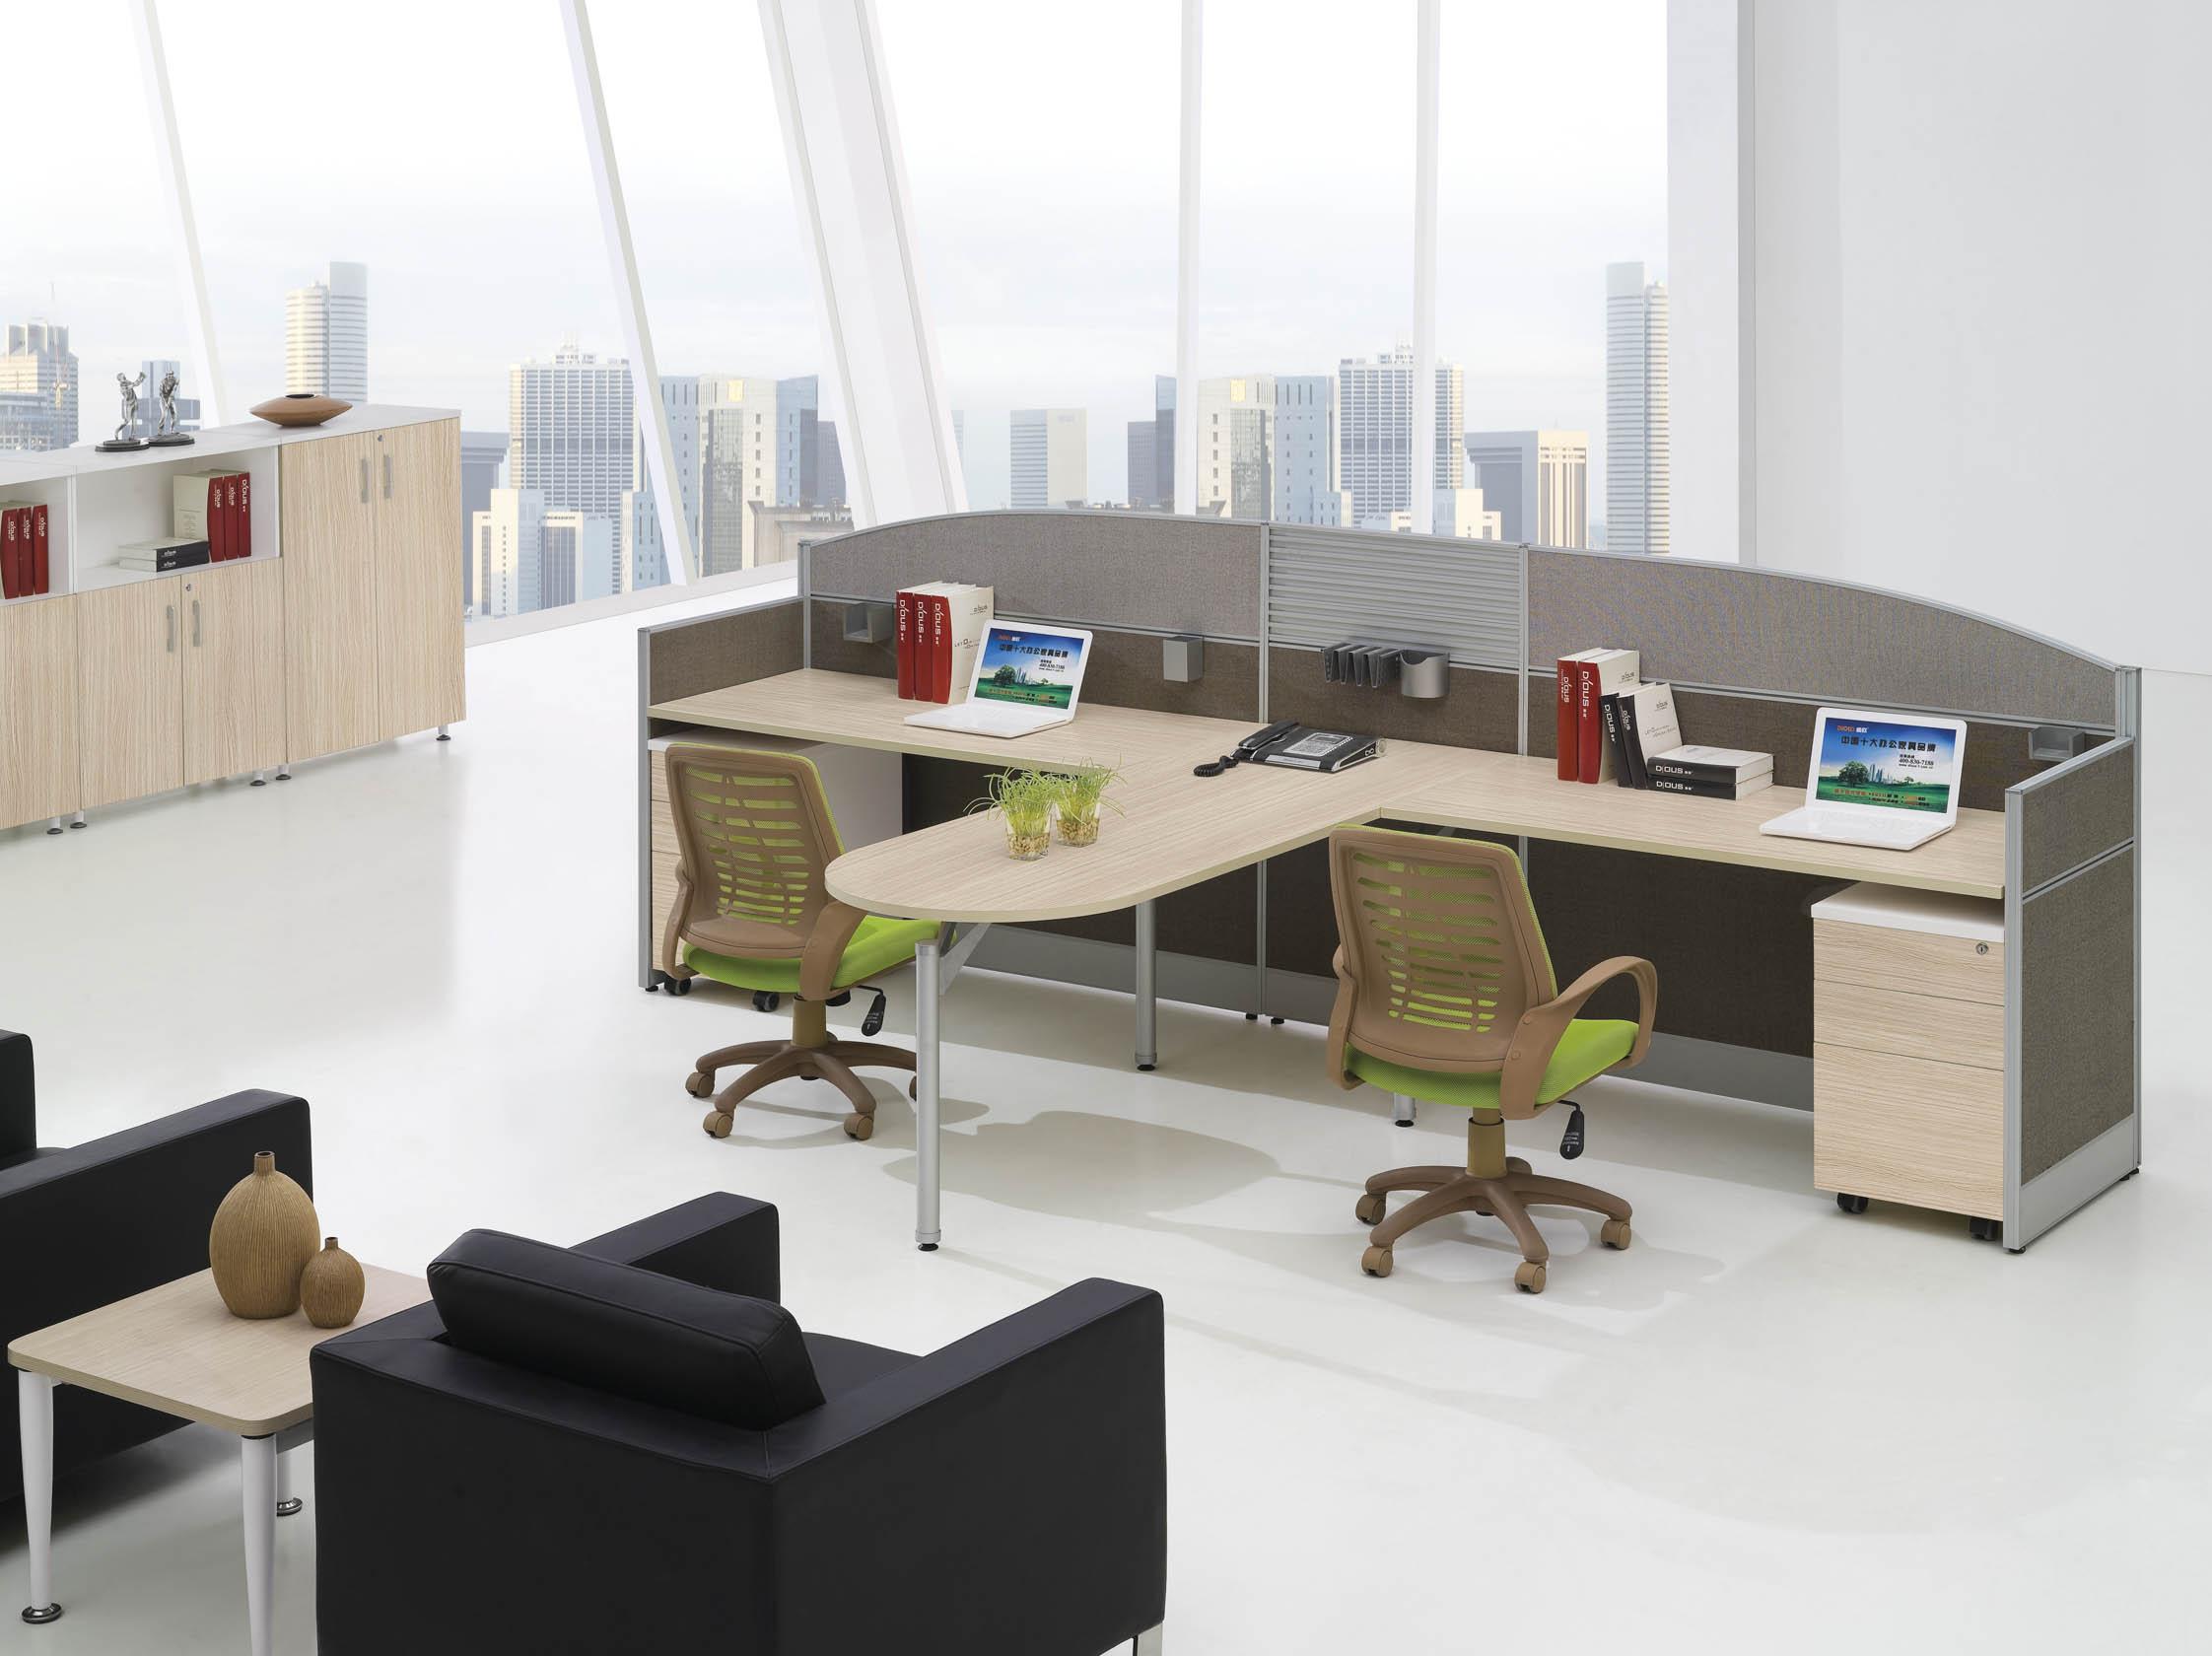 工作效率的提升离不开优质的办公家具